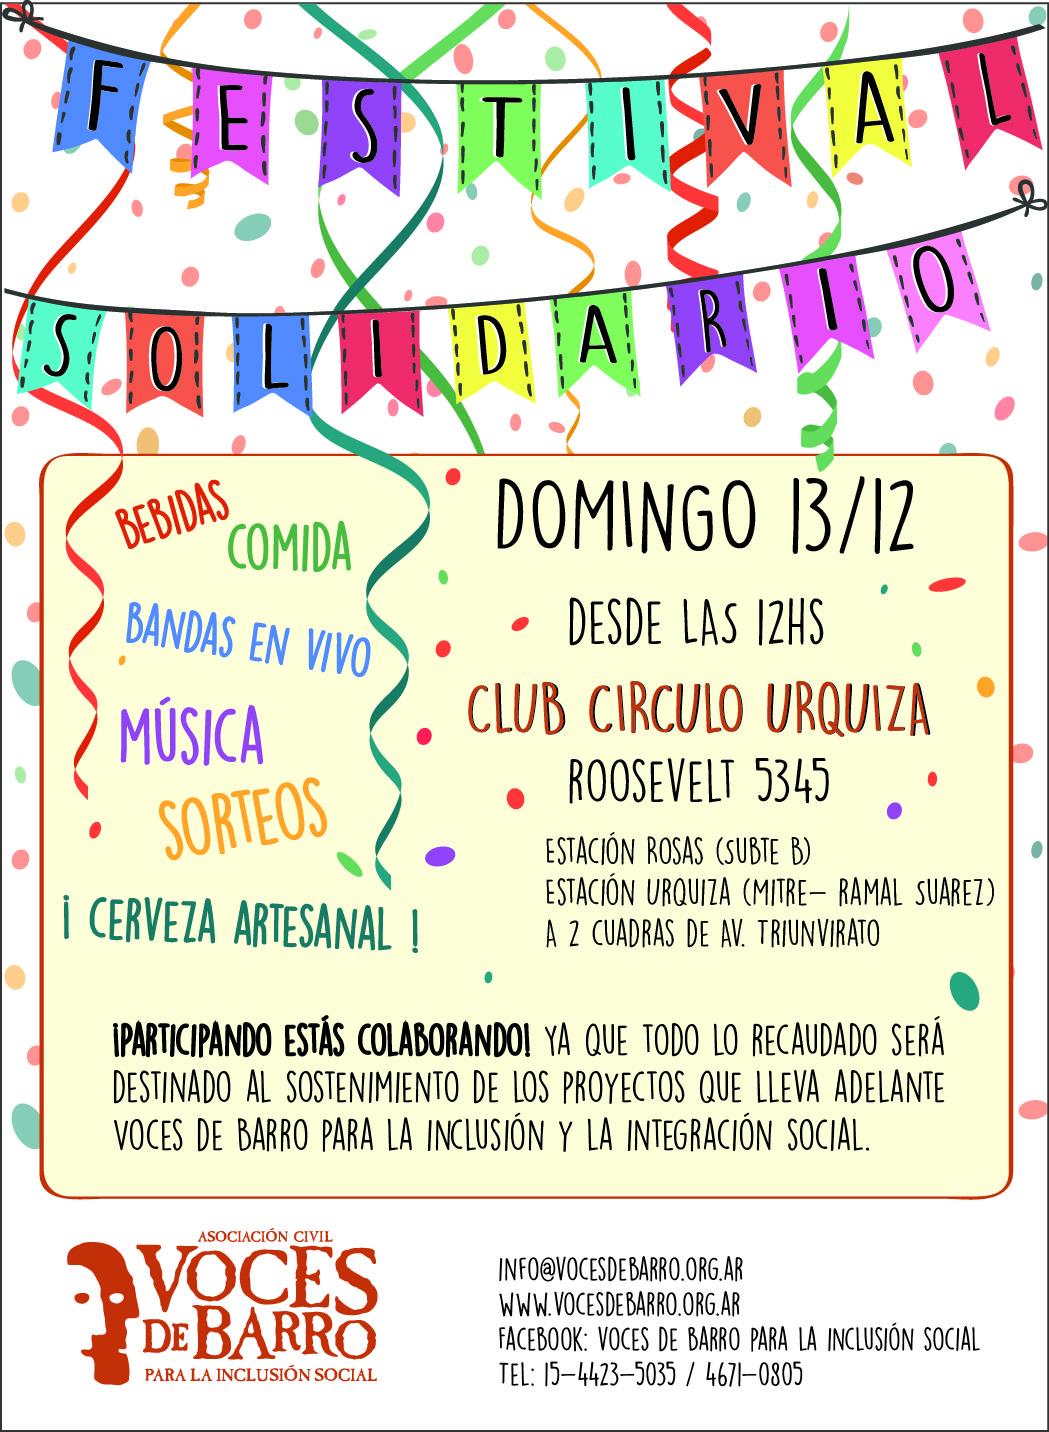 Domingo 13/12 ¡Festival Solidario! ¡Sumate y Colaborá con VdB!